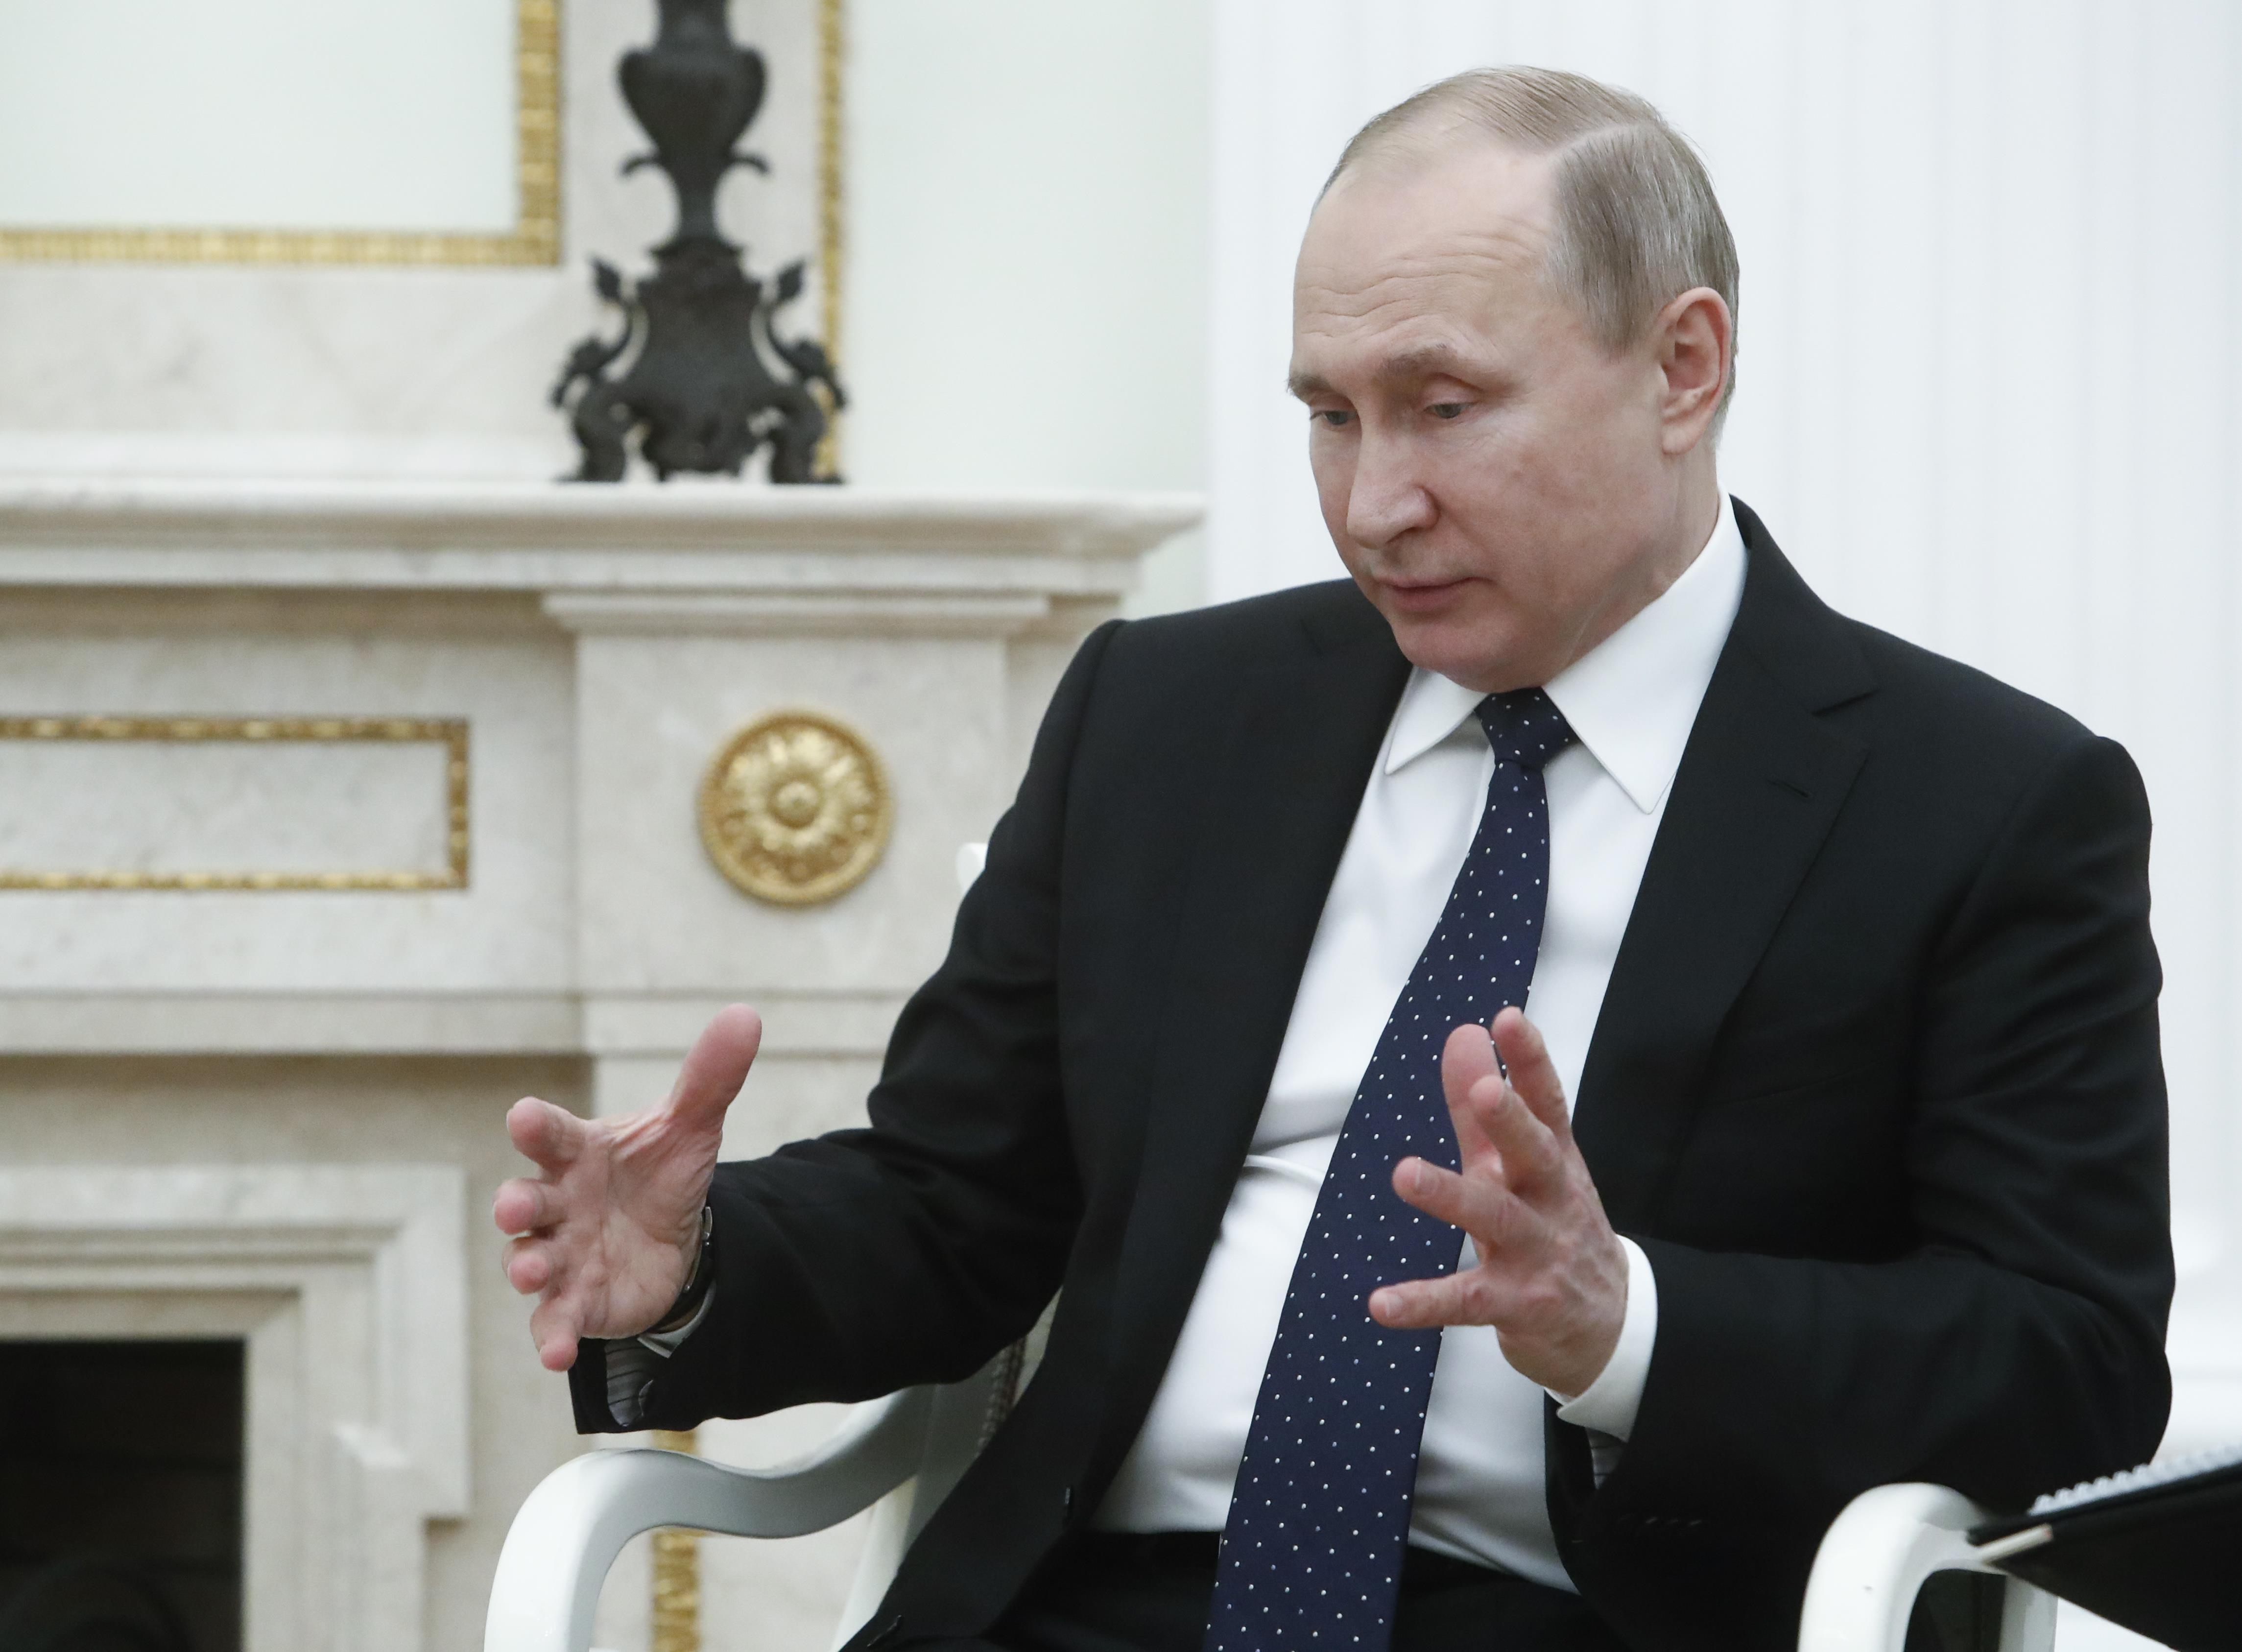 Политолог не исключает вероятности ухода Путина до завершения его очередного президентского срока